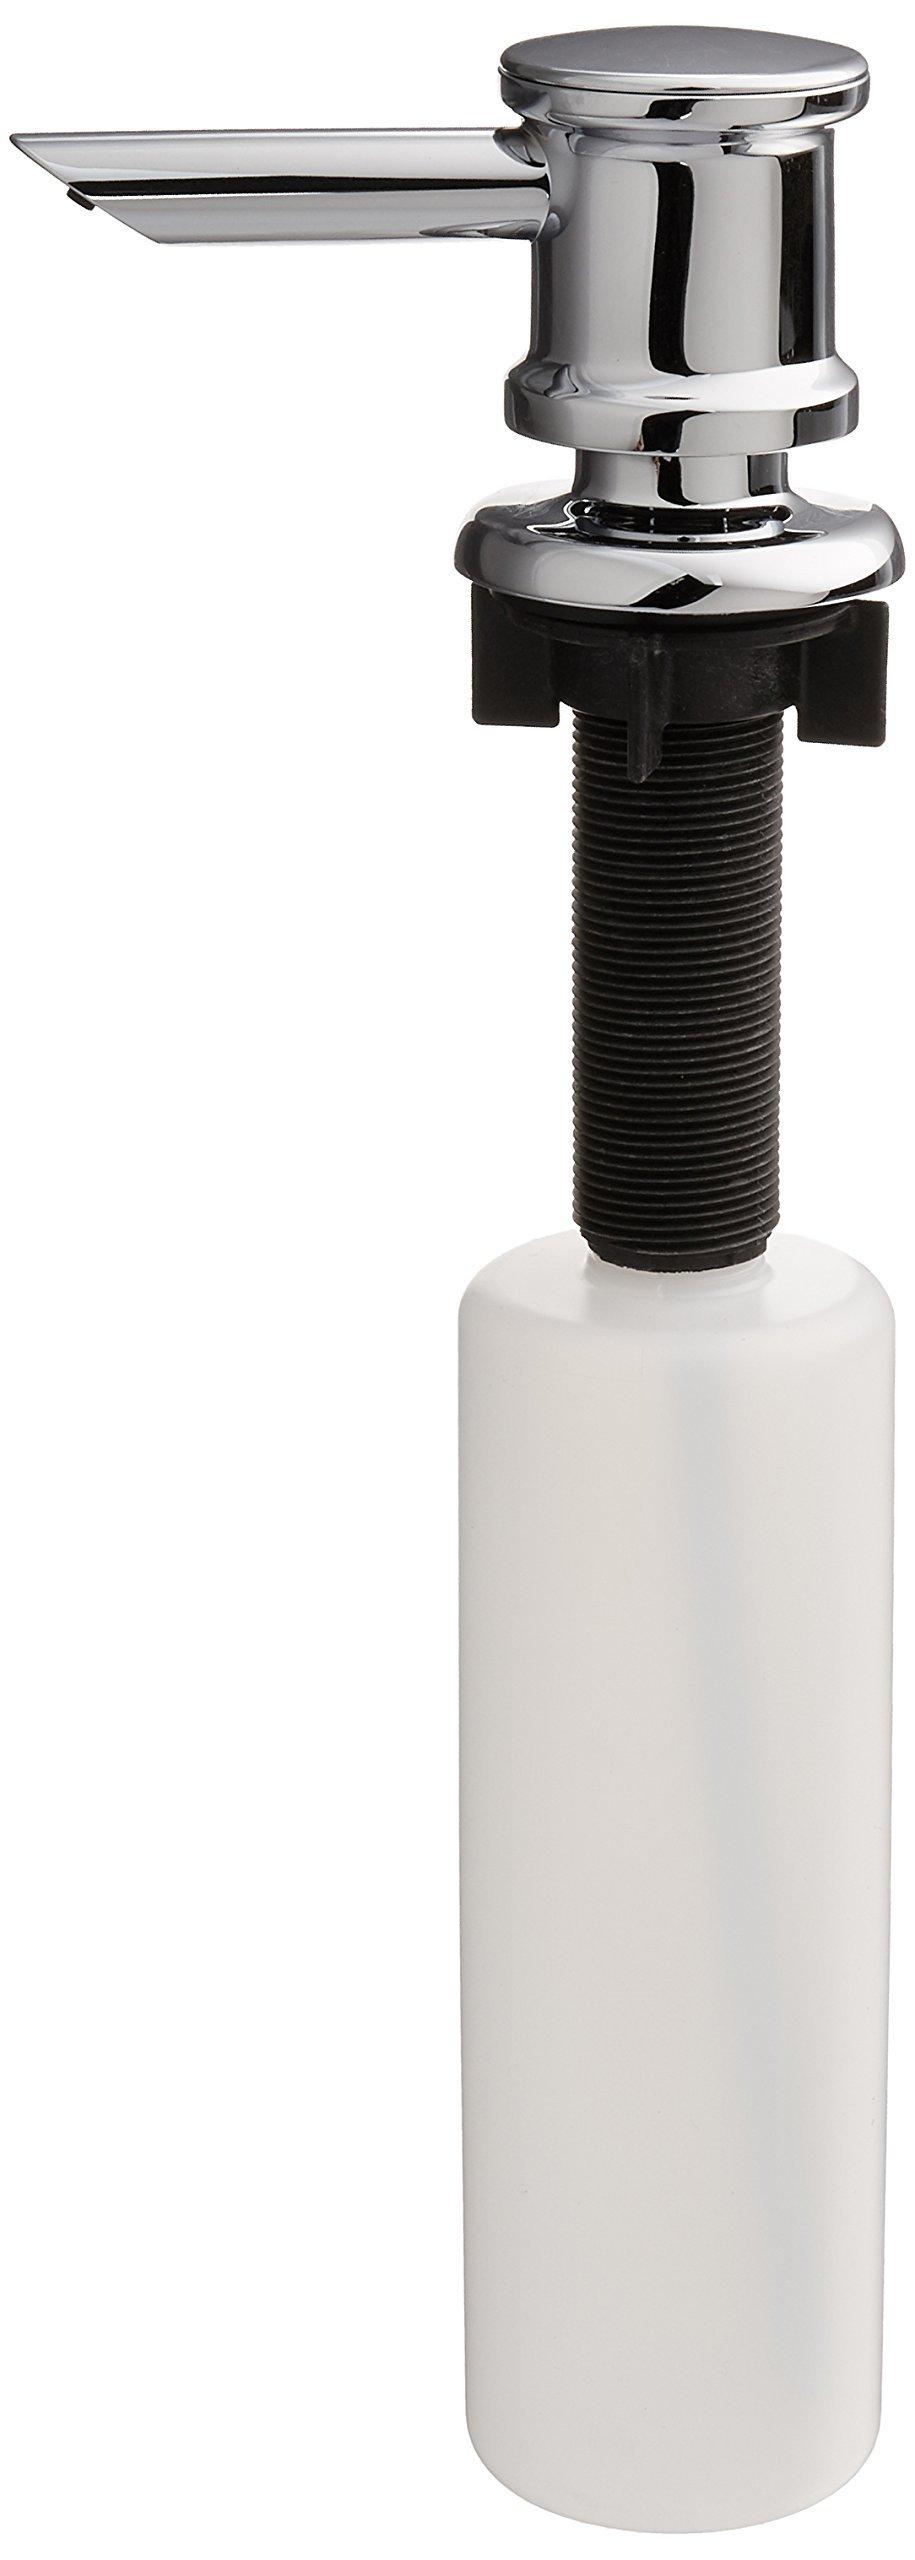 Delta Faucet RP46114 Soap/Lotion Dispenser, Chrome